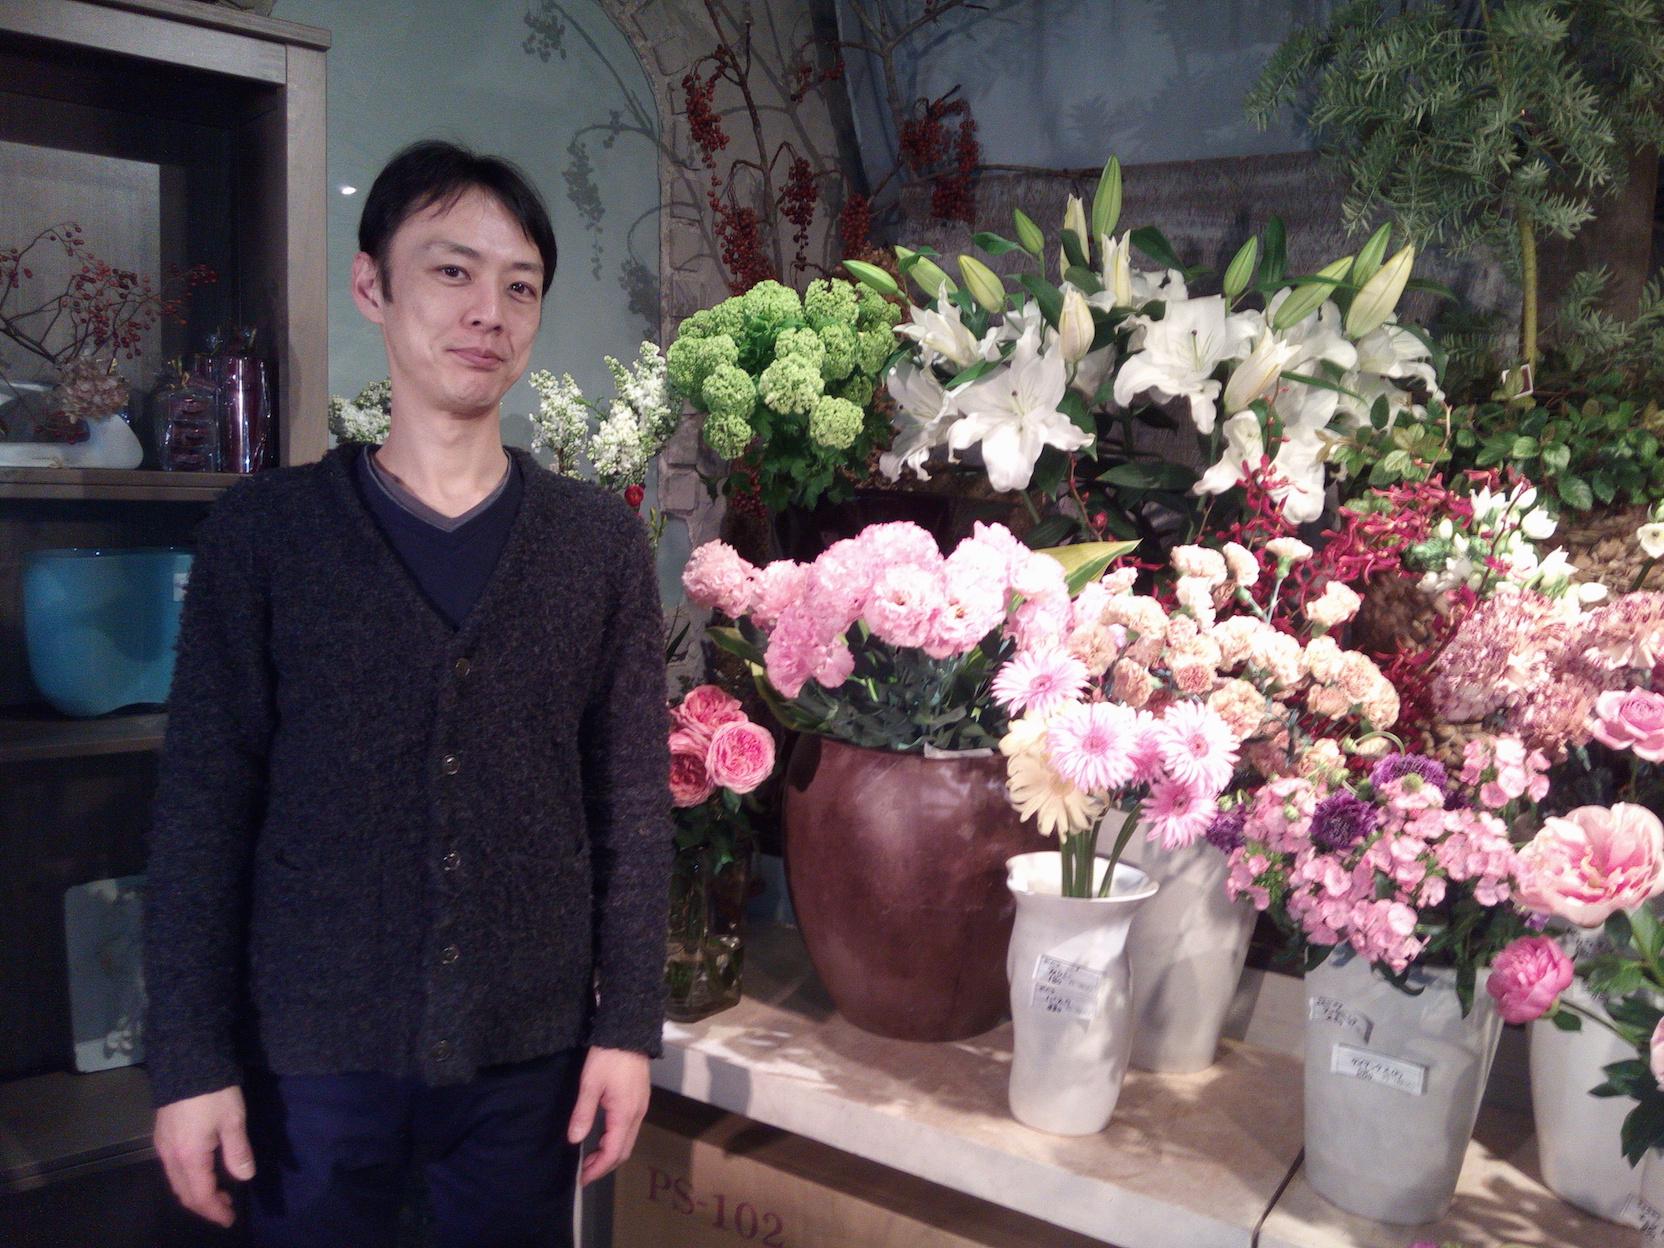 特集:母の日ギフト2016 - カーテンフィグツリー / お花の特別アレンジメント